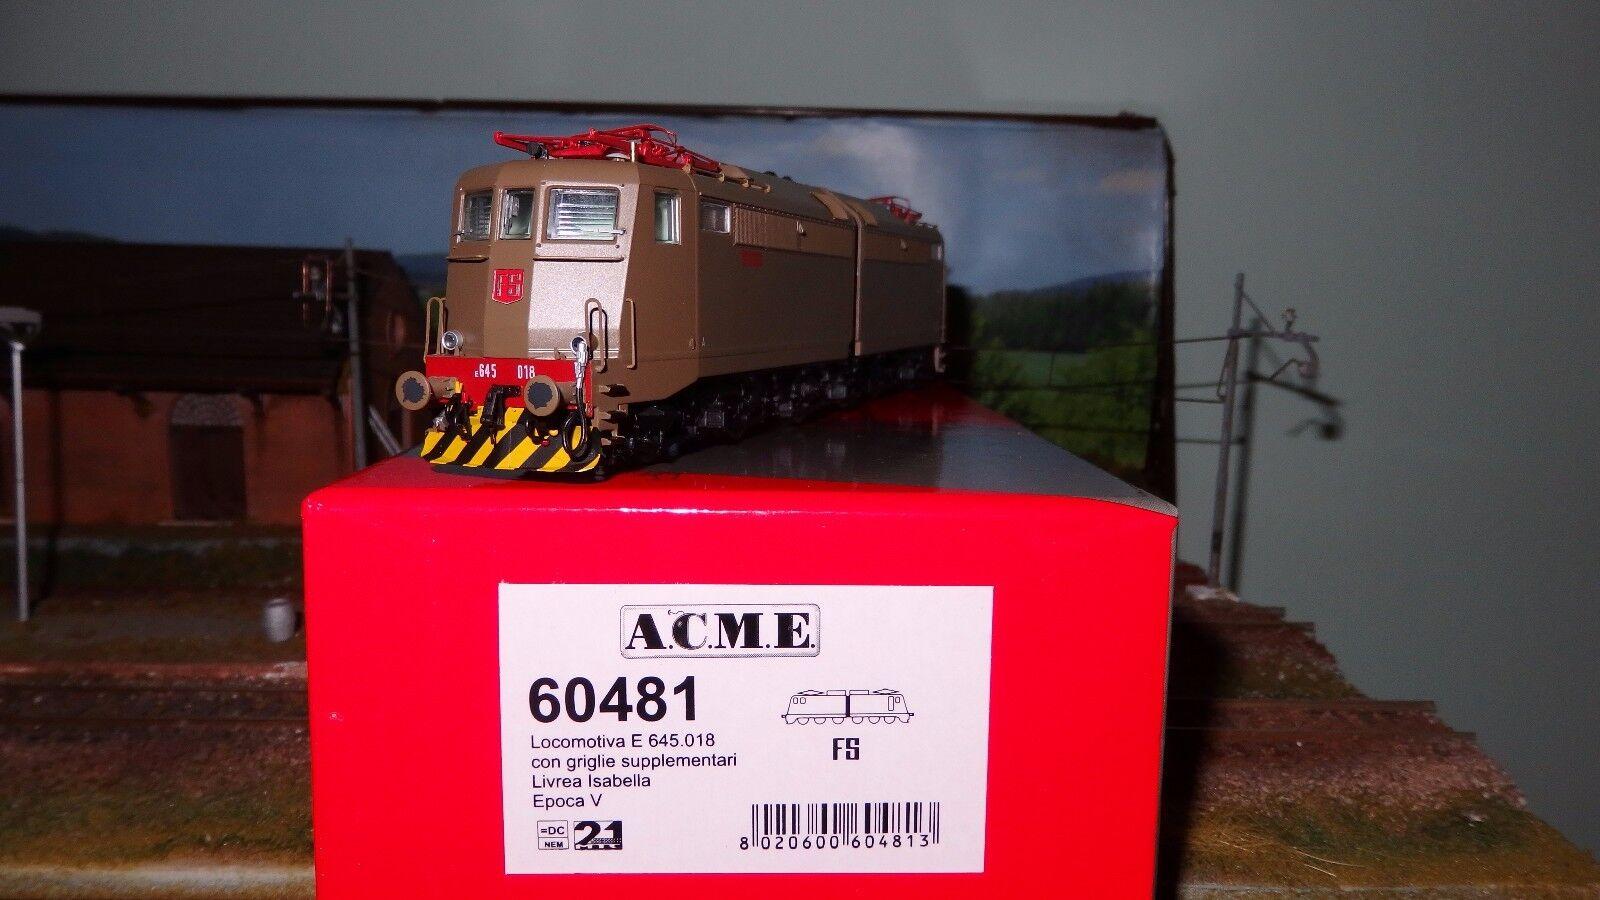 ACME 60481 E645 018 Isabella, Leiste röd, Grills experimäntelle, Holz - Router 52